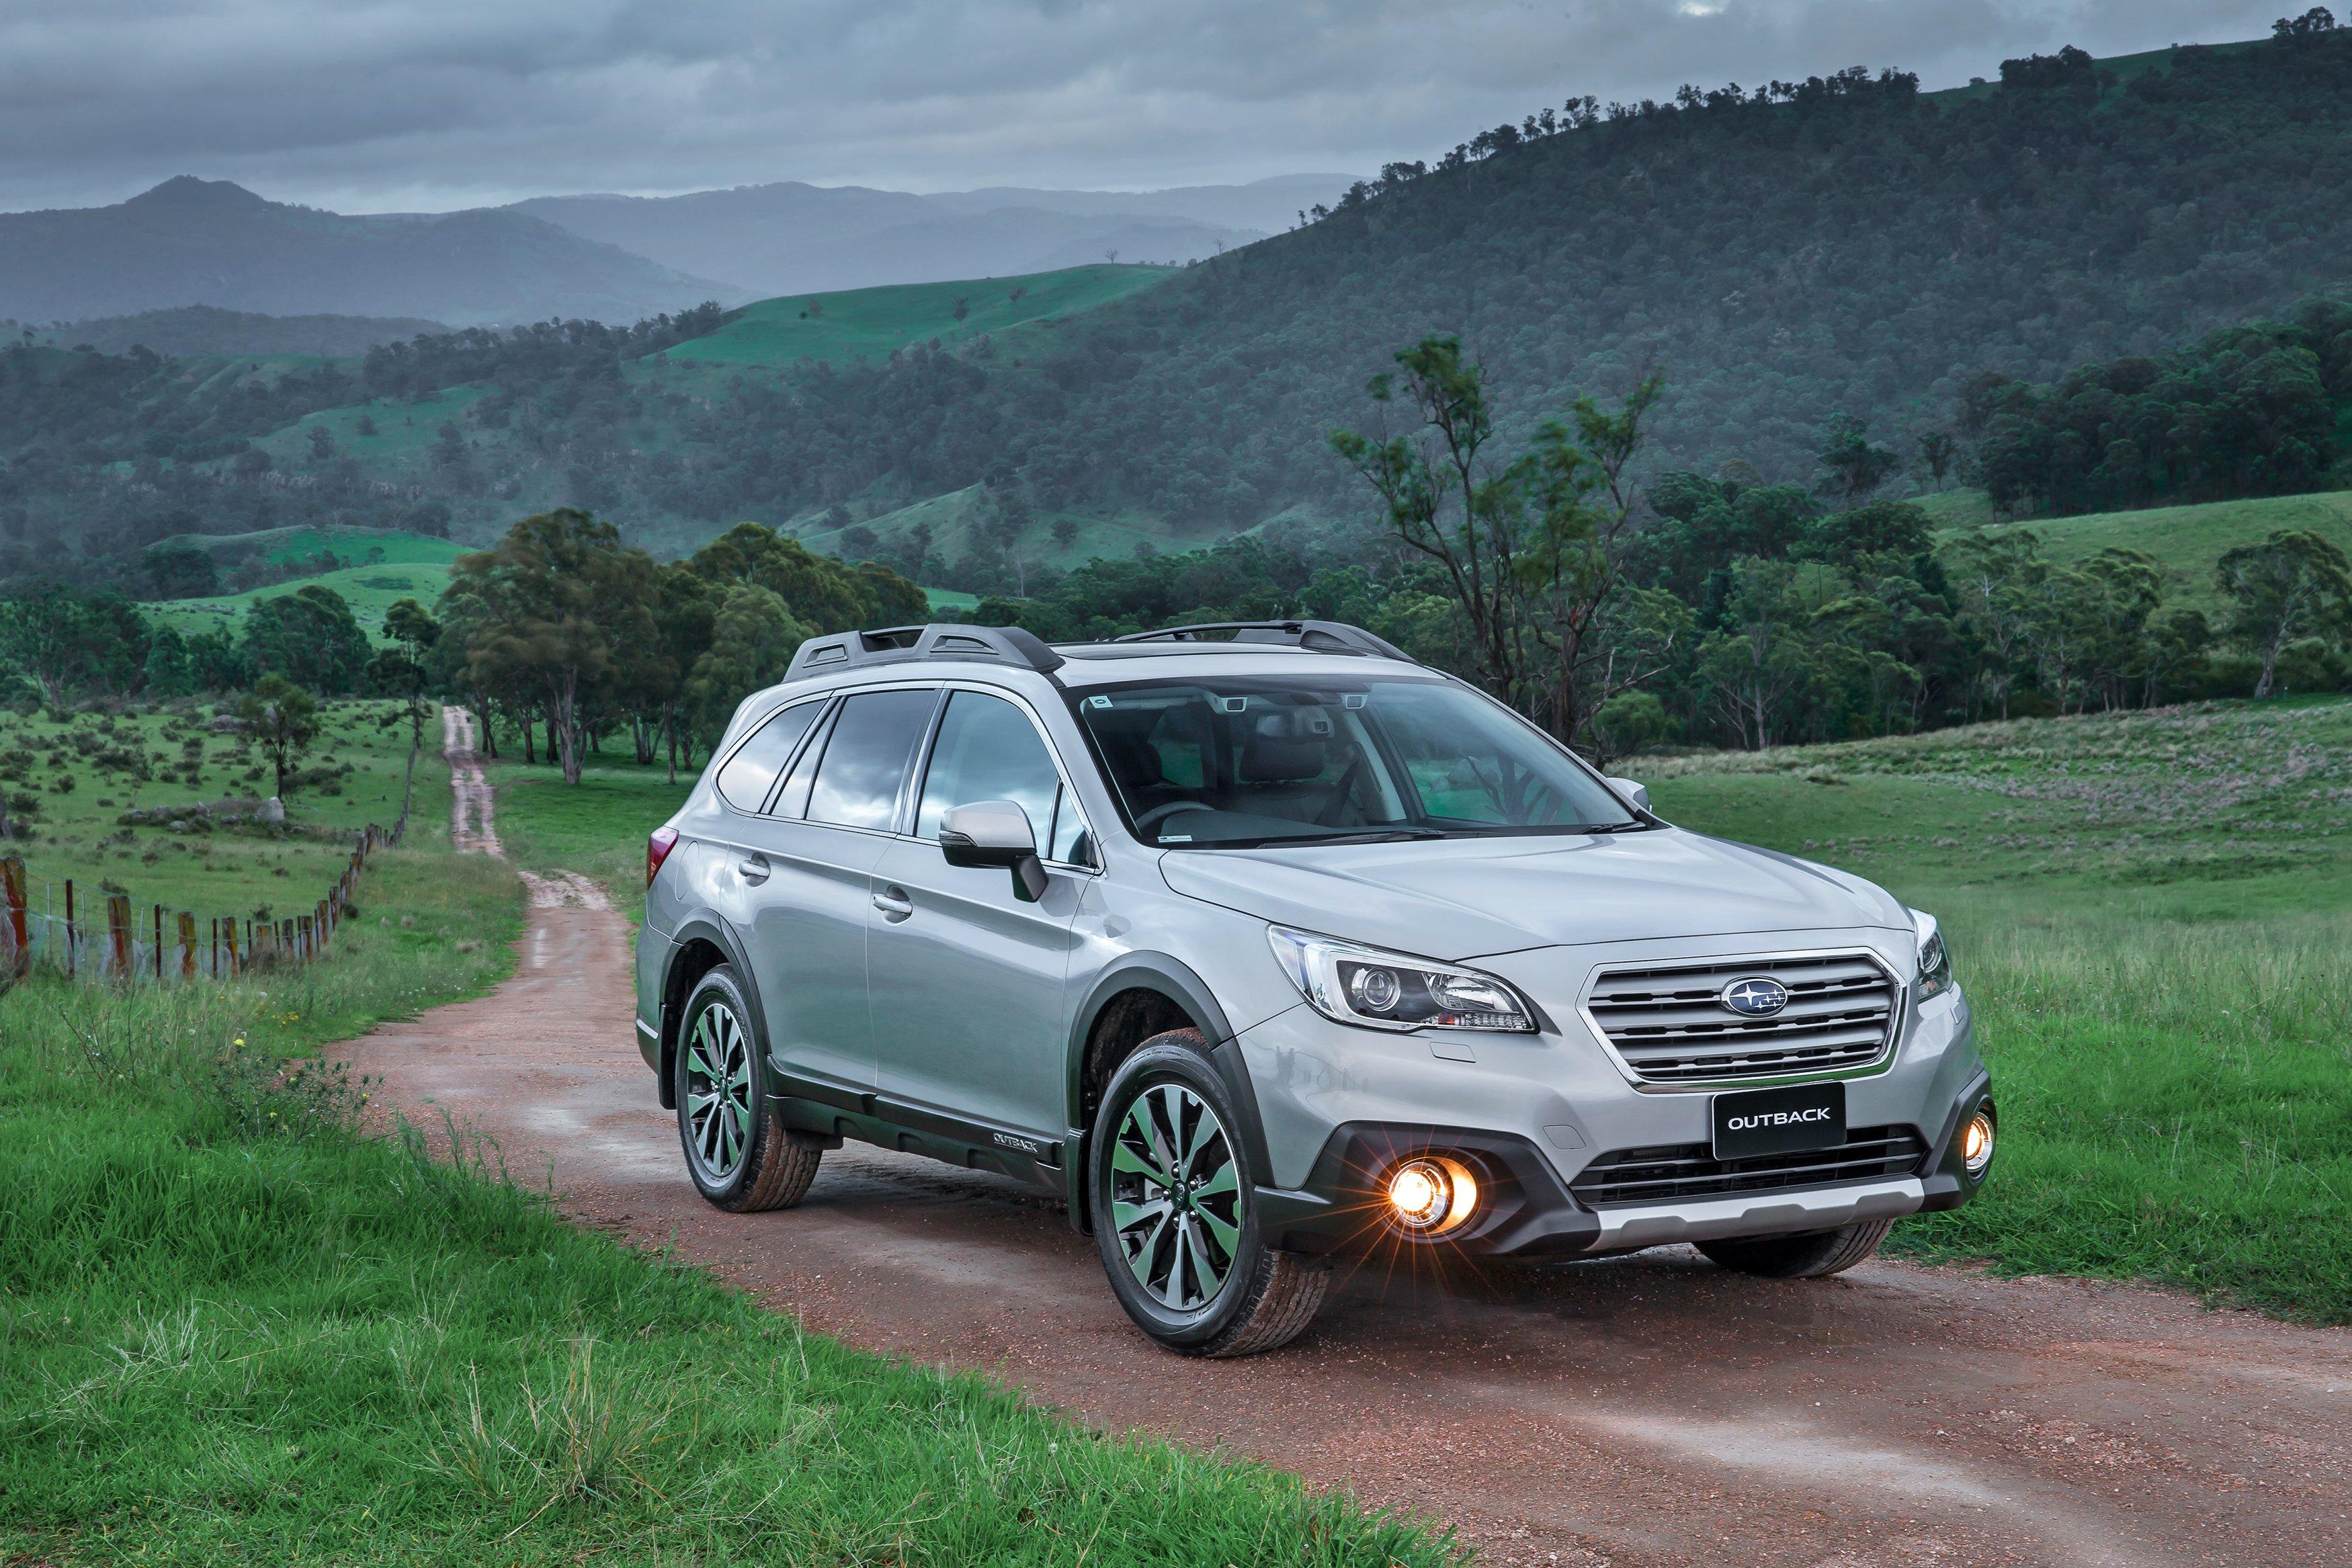 Subaru Forester 2019 Review >> 2016 Subaru Outback Review - photos | CarAdvice